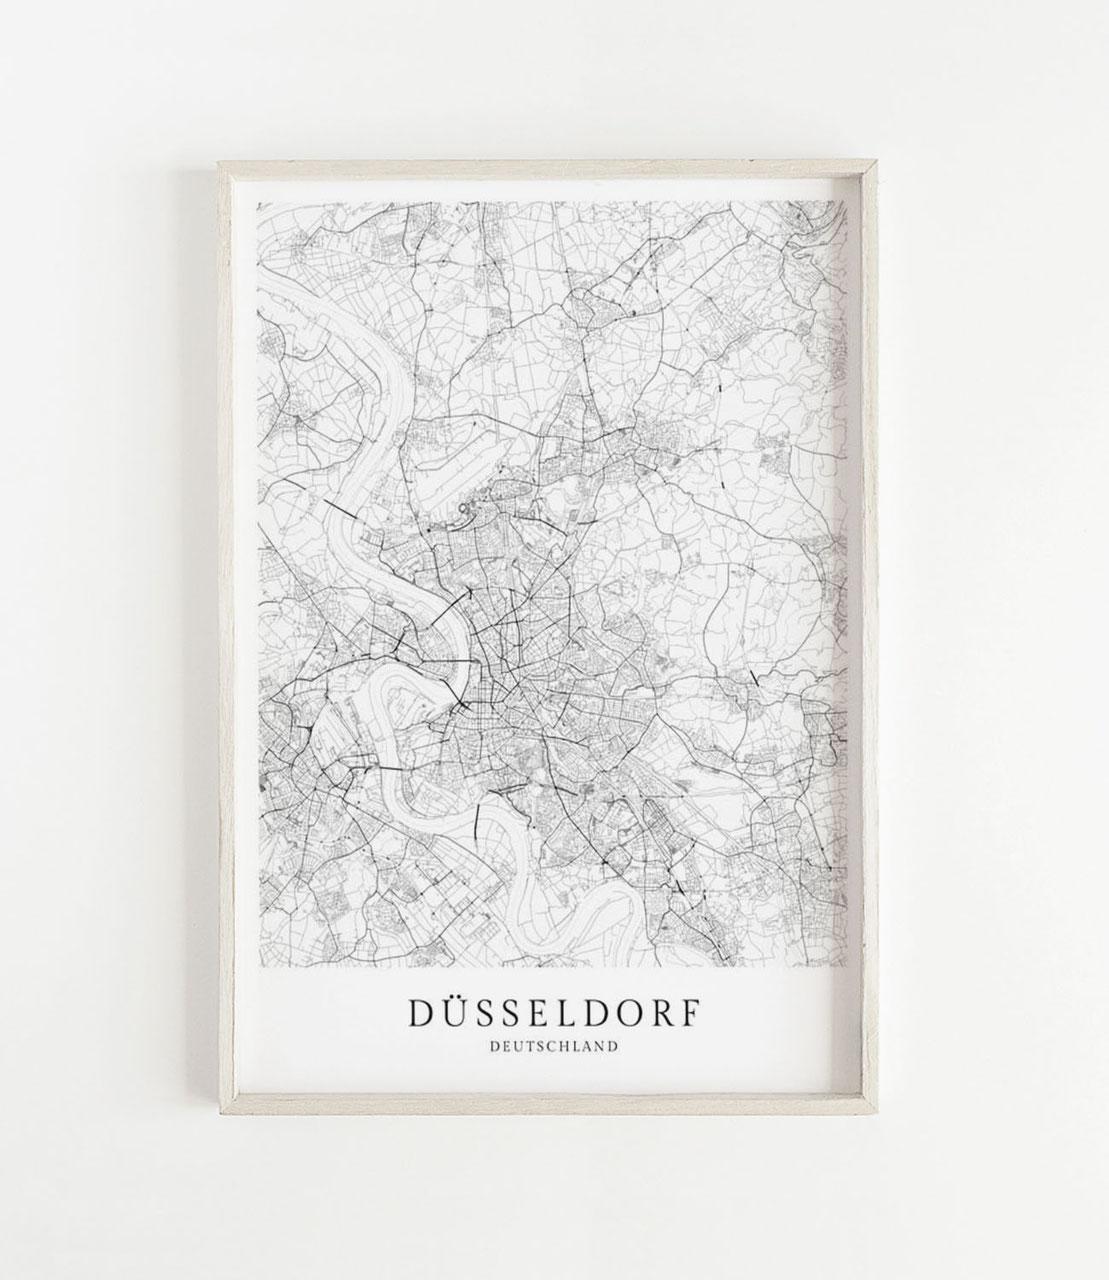 Dusseldorf Karte Als Poster Skanemarie